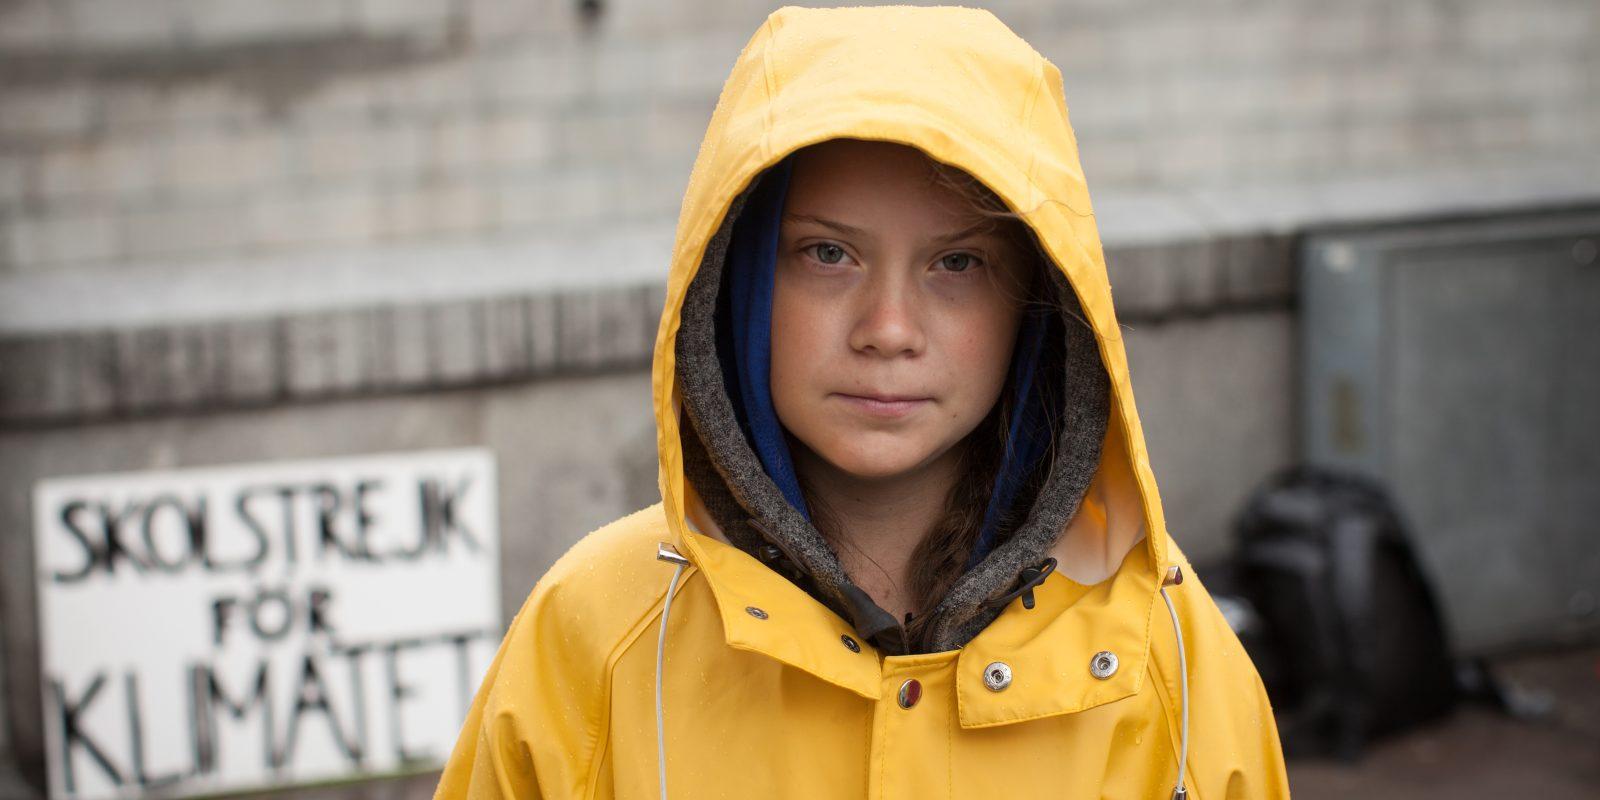 Greta Thunberg Facebook: Nominohet Për Nobel Dhe Mbështetet Nga Mijëra Studentë Në